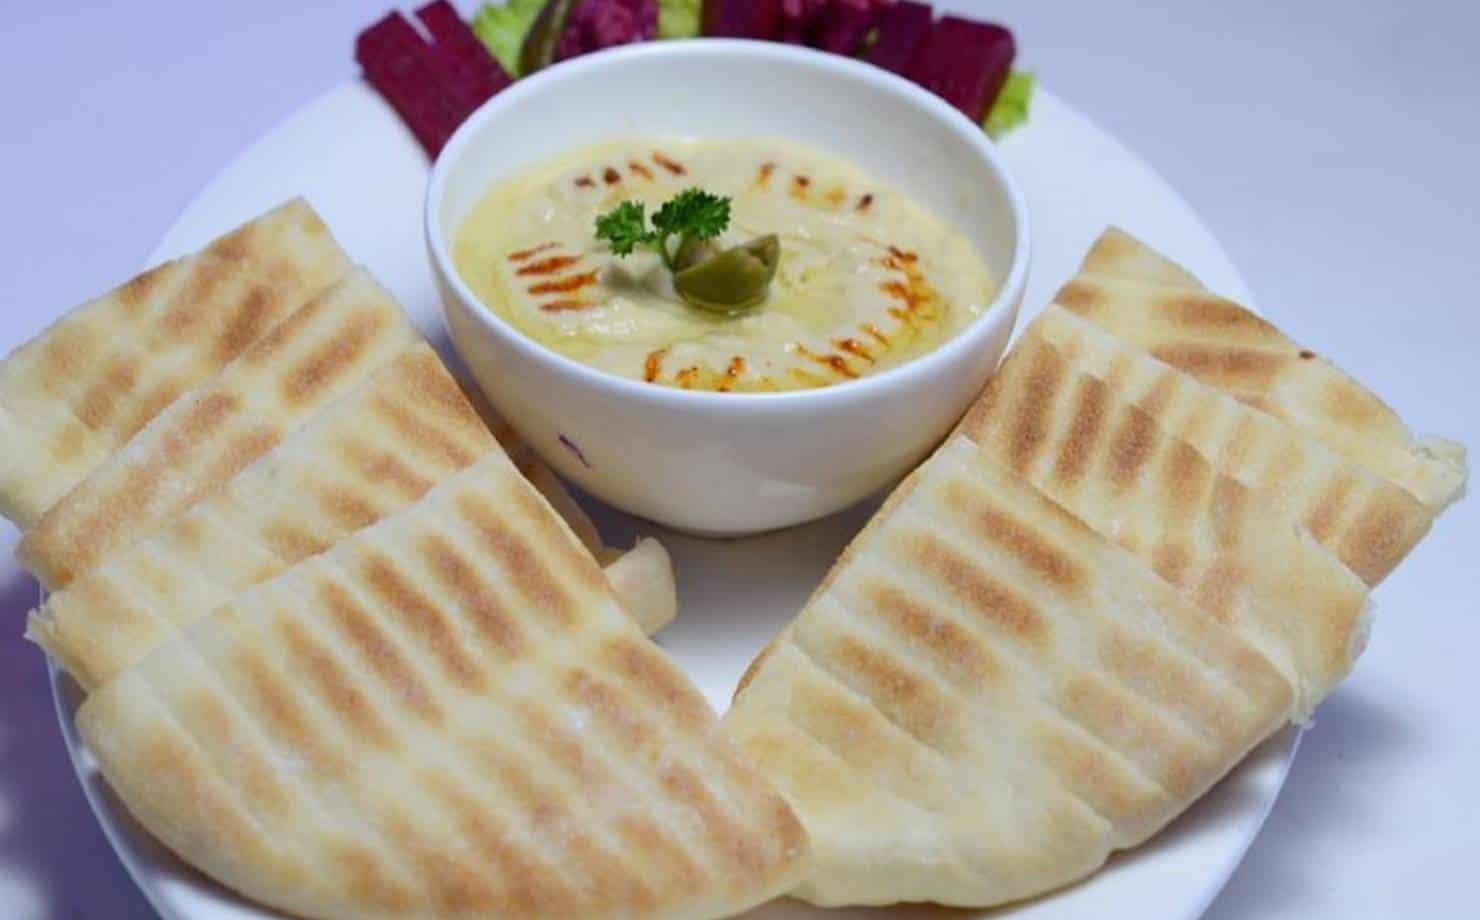 Sem glúten: prepare um delicioso pão árabe com farinha de arroz